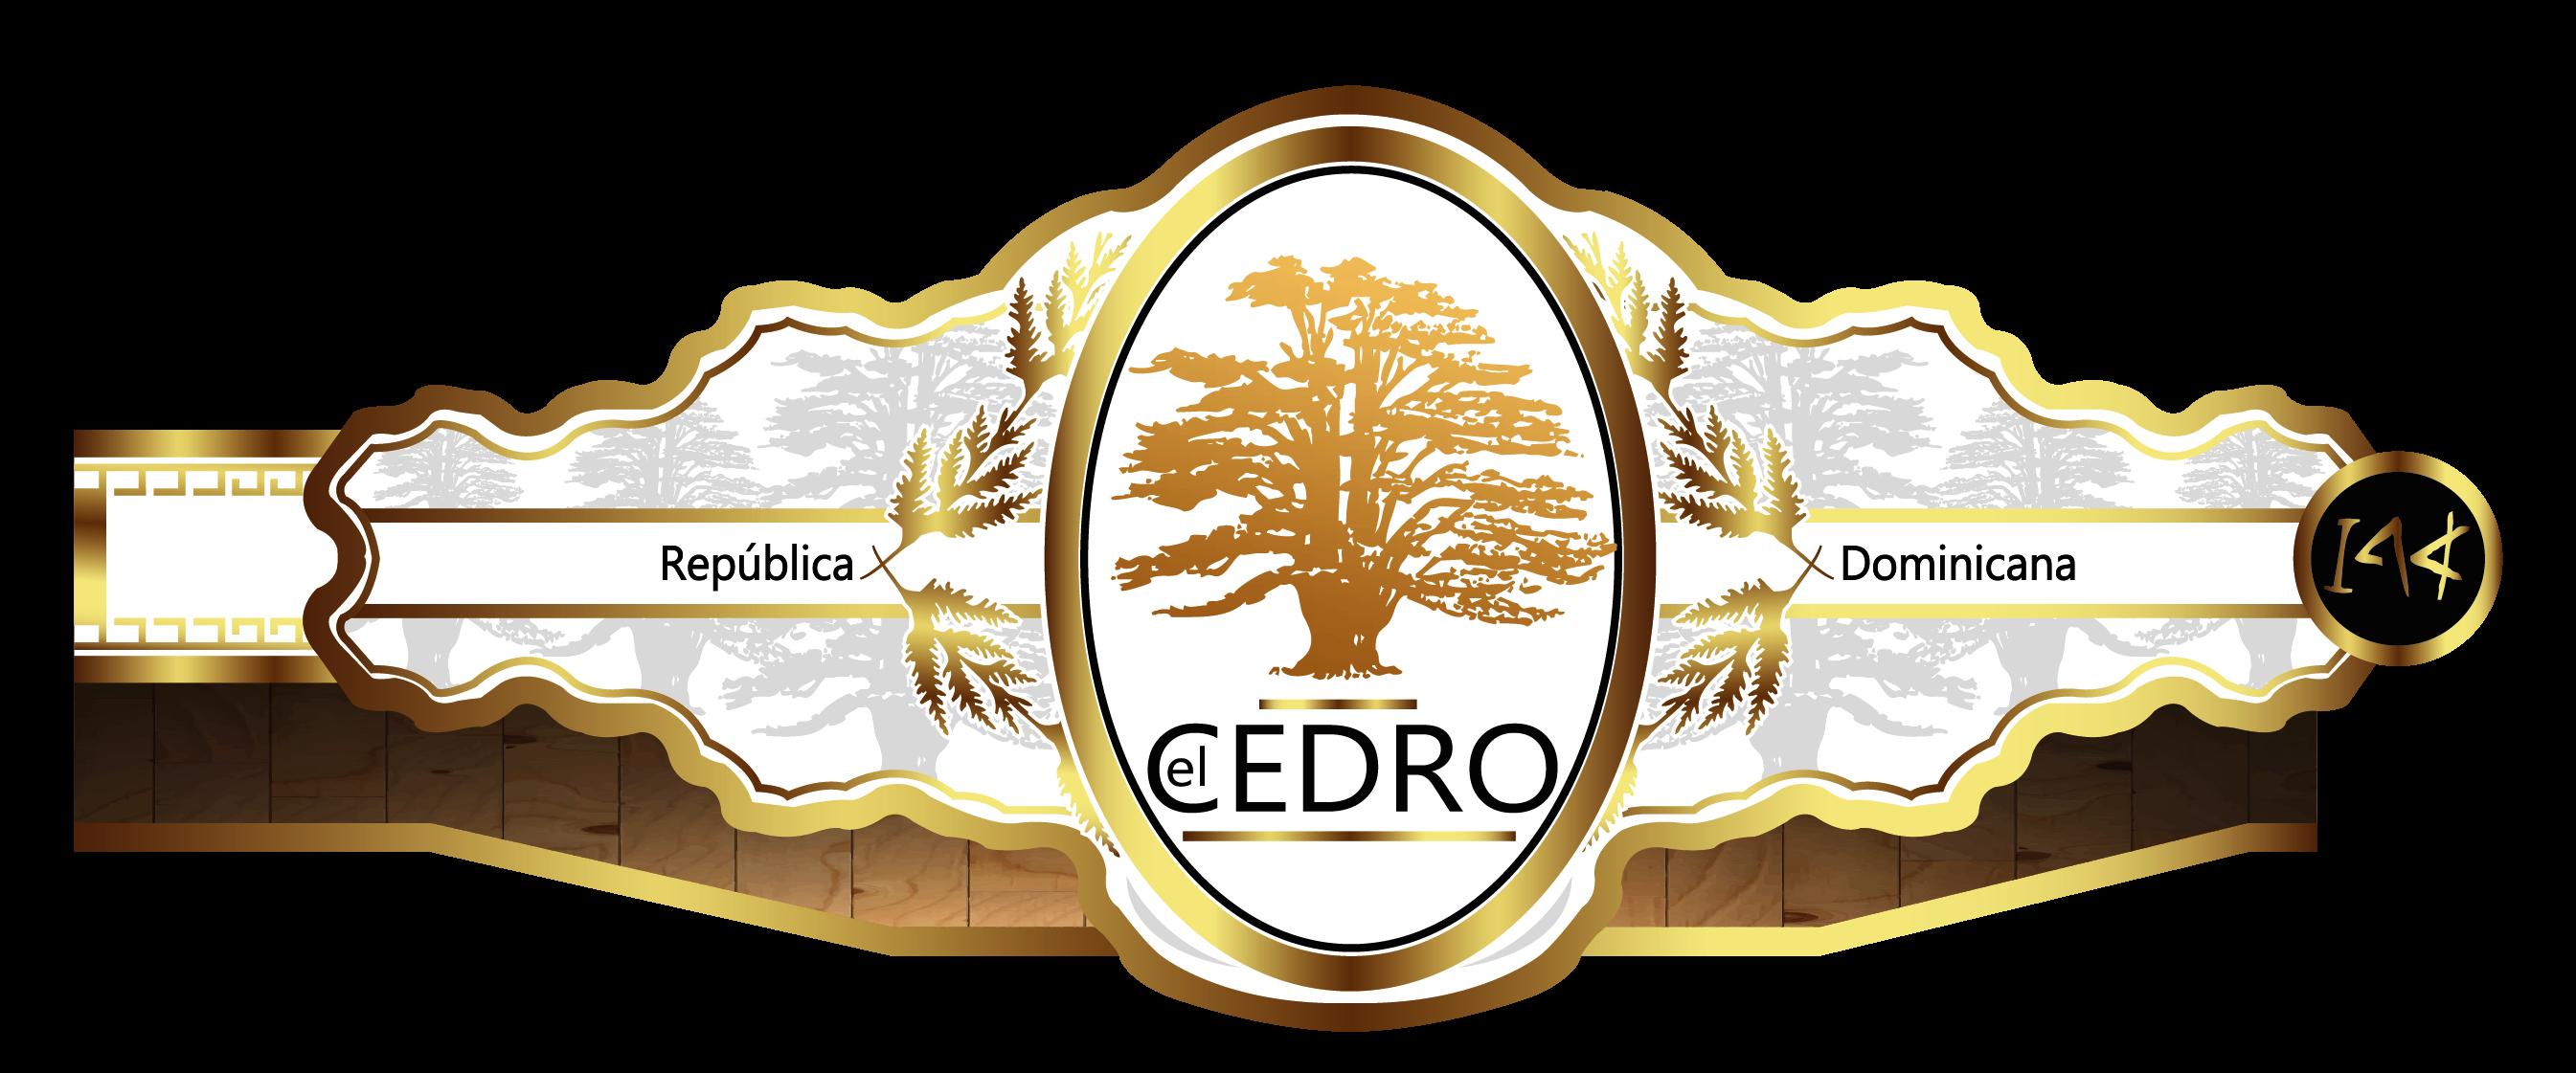 El_Cedro_Band